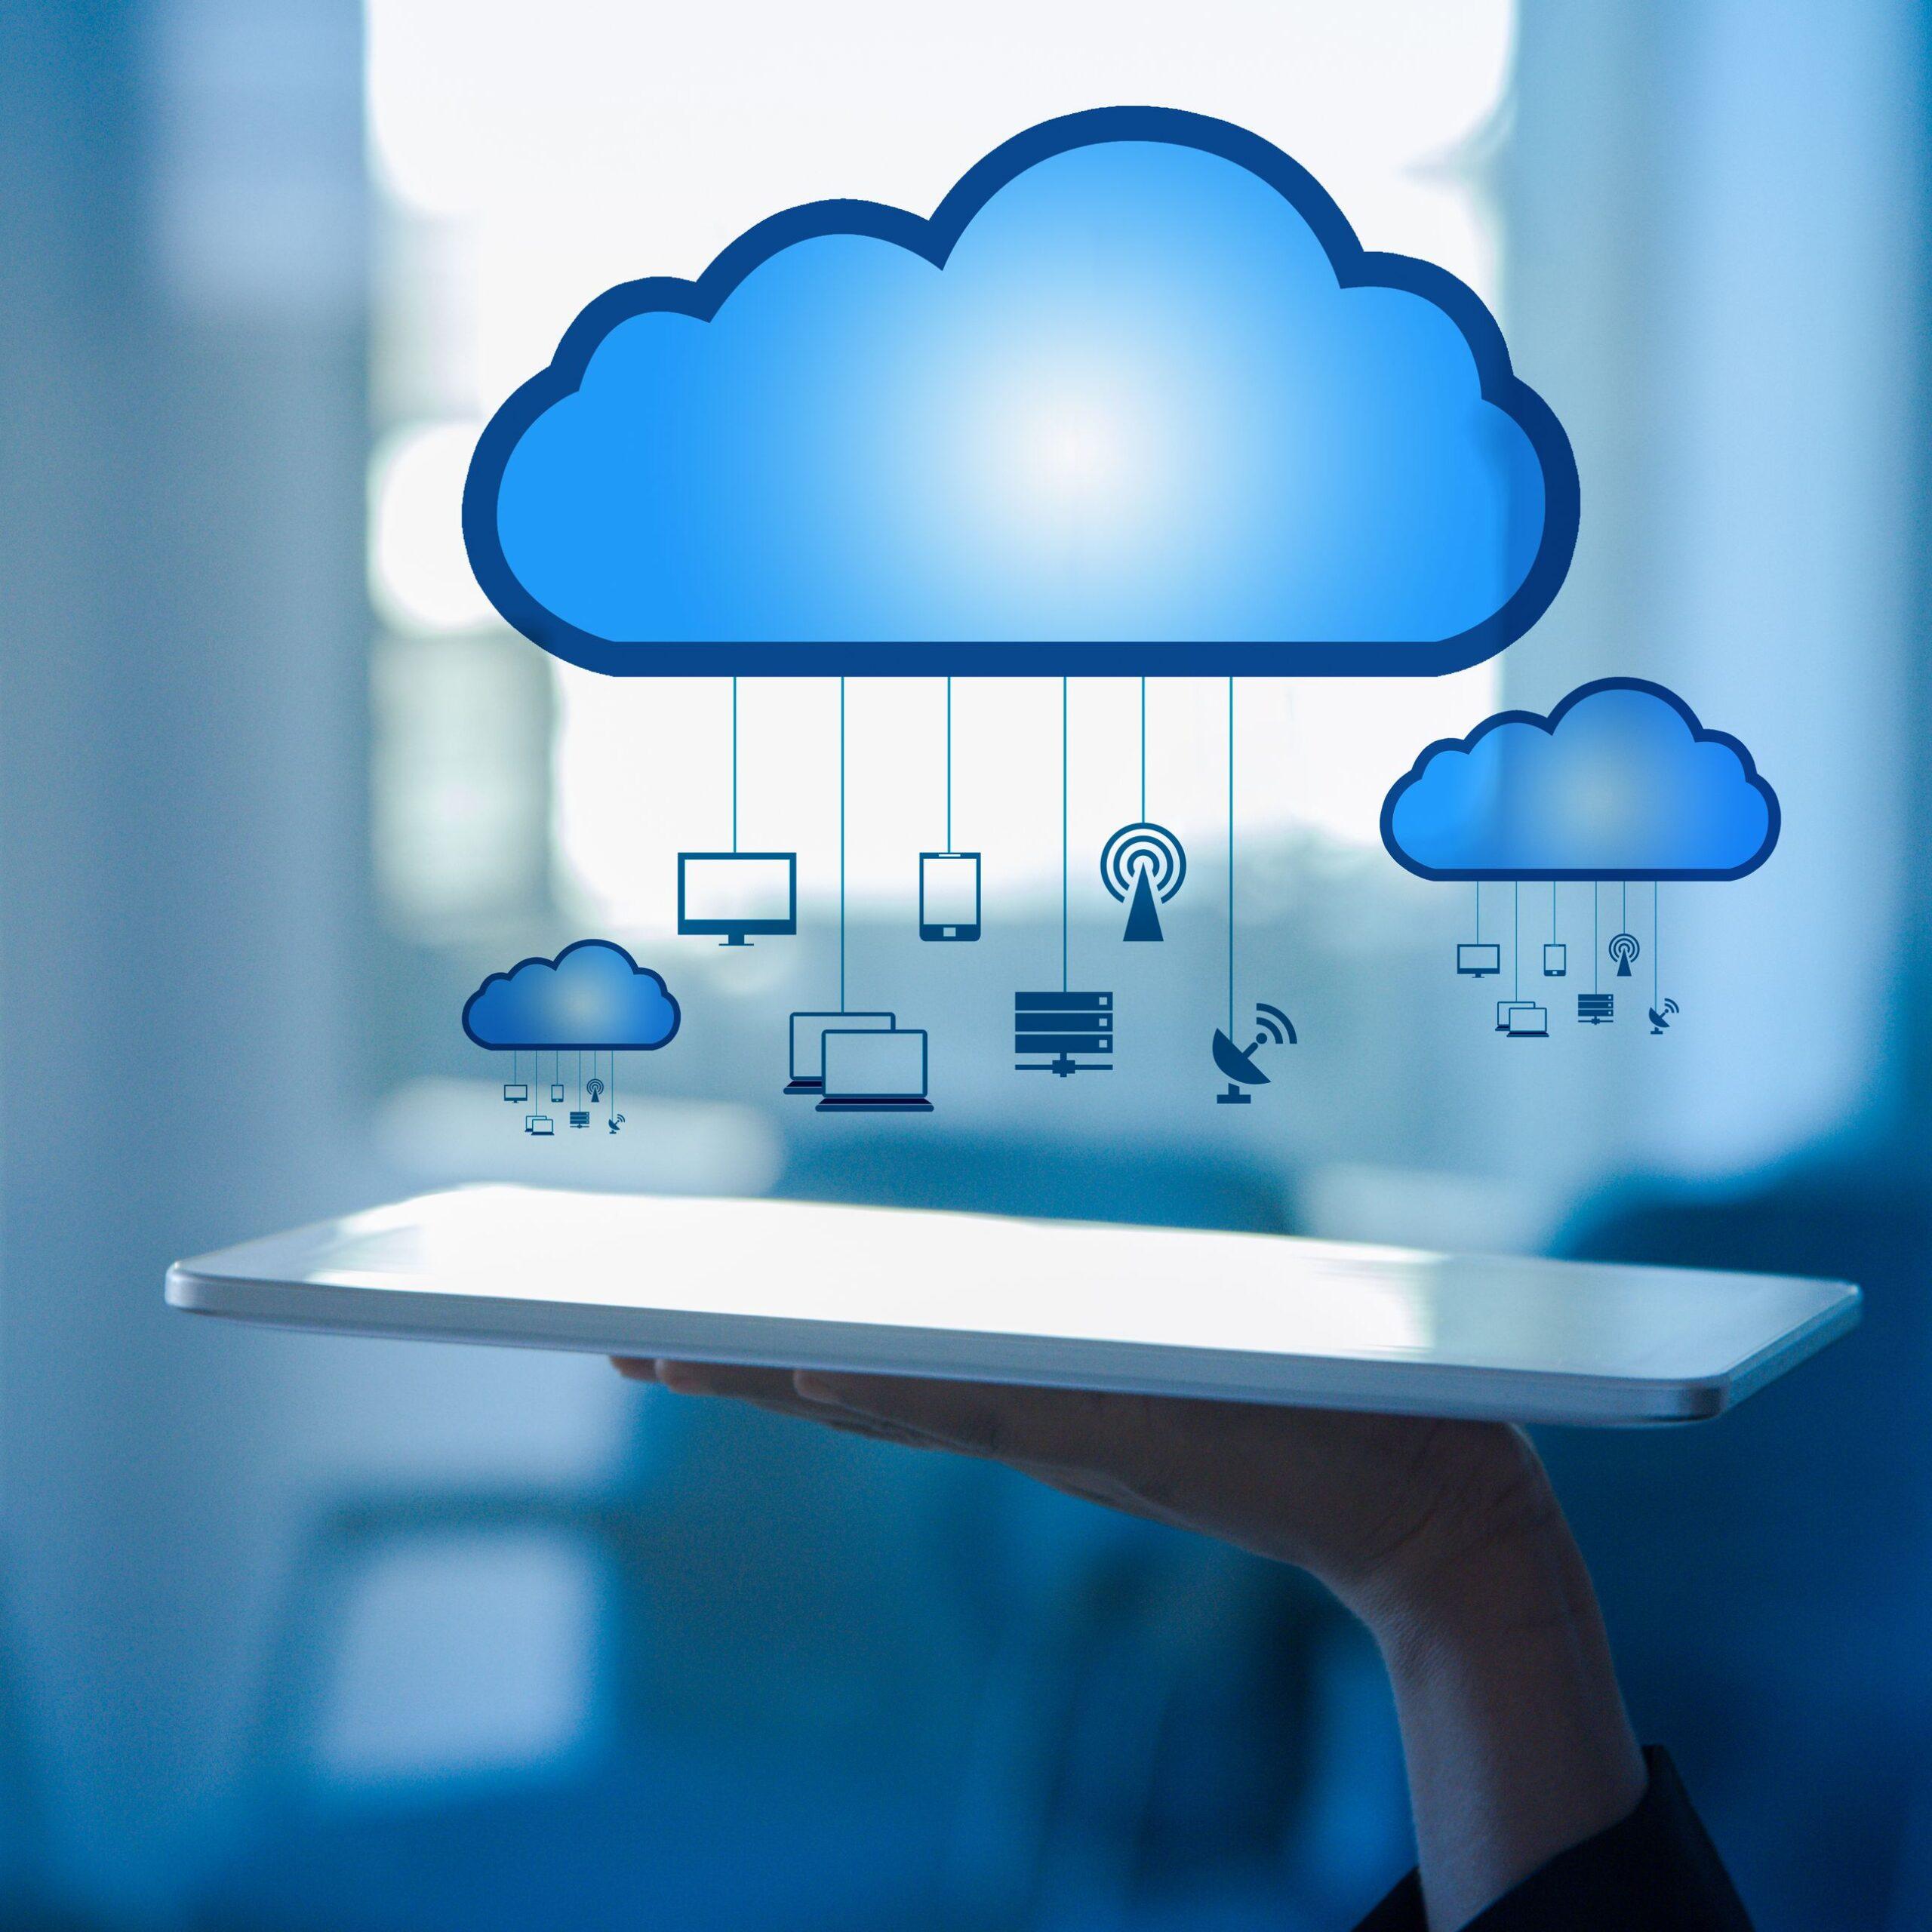 cloud computing 502462262 5ac1130e119fa800371ba0a8 scaled